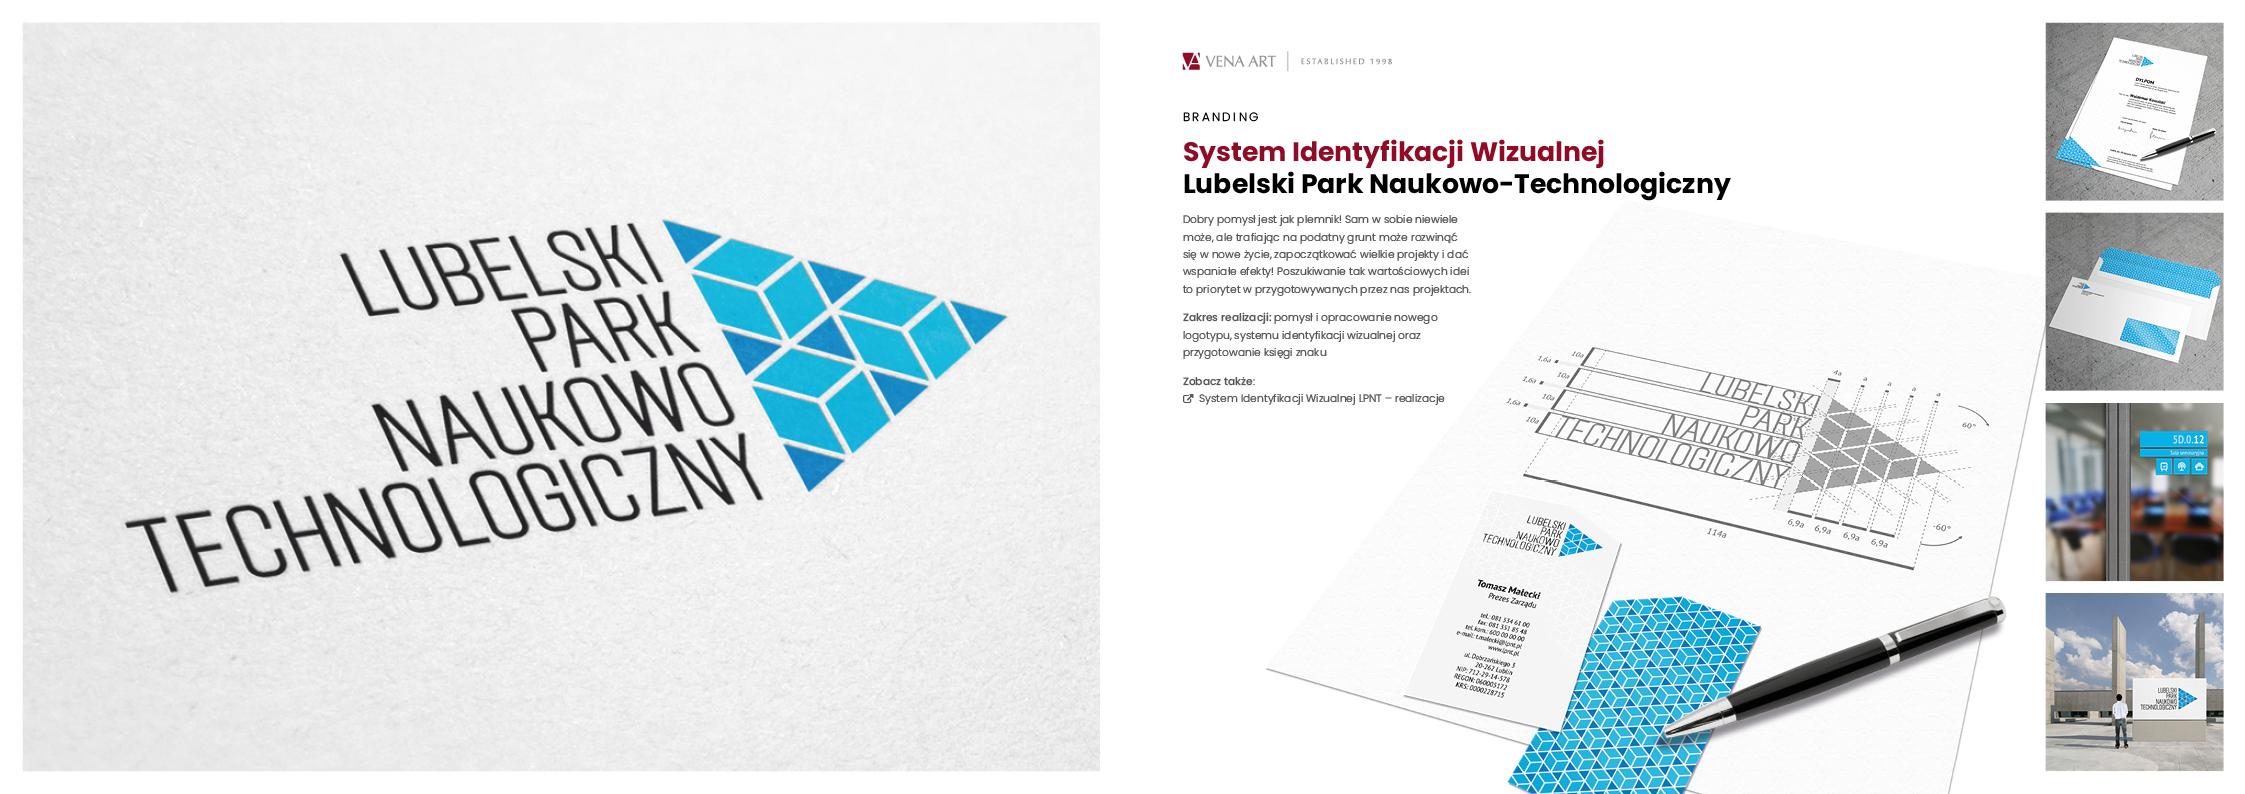 System Identyfikacji Wizualnej —Lubelski Park Naukowo-Technologiczny